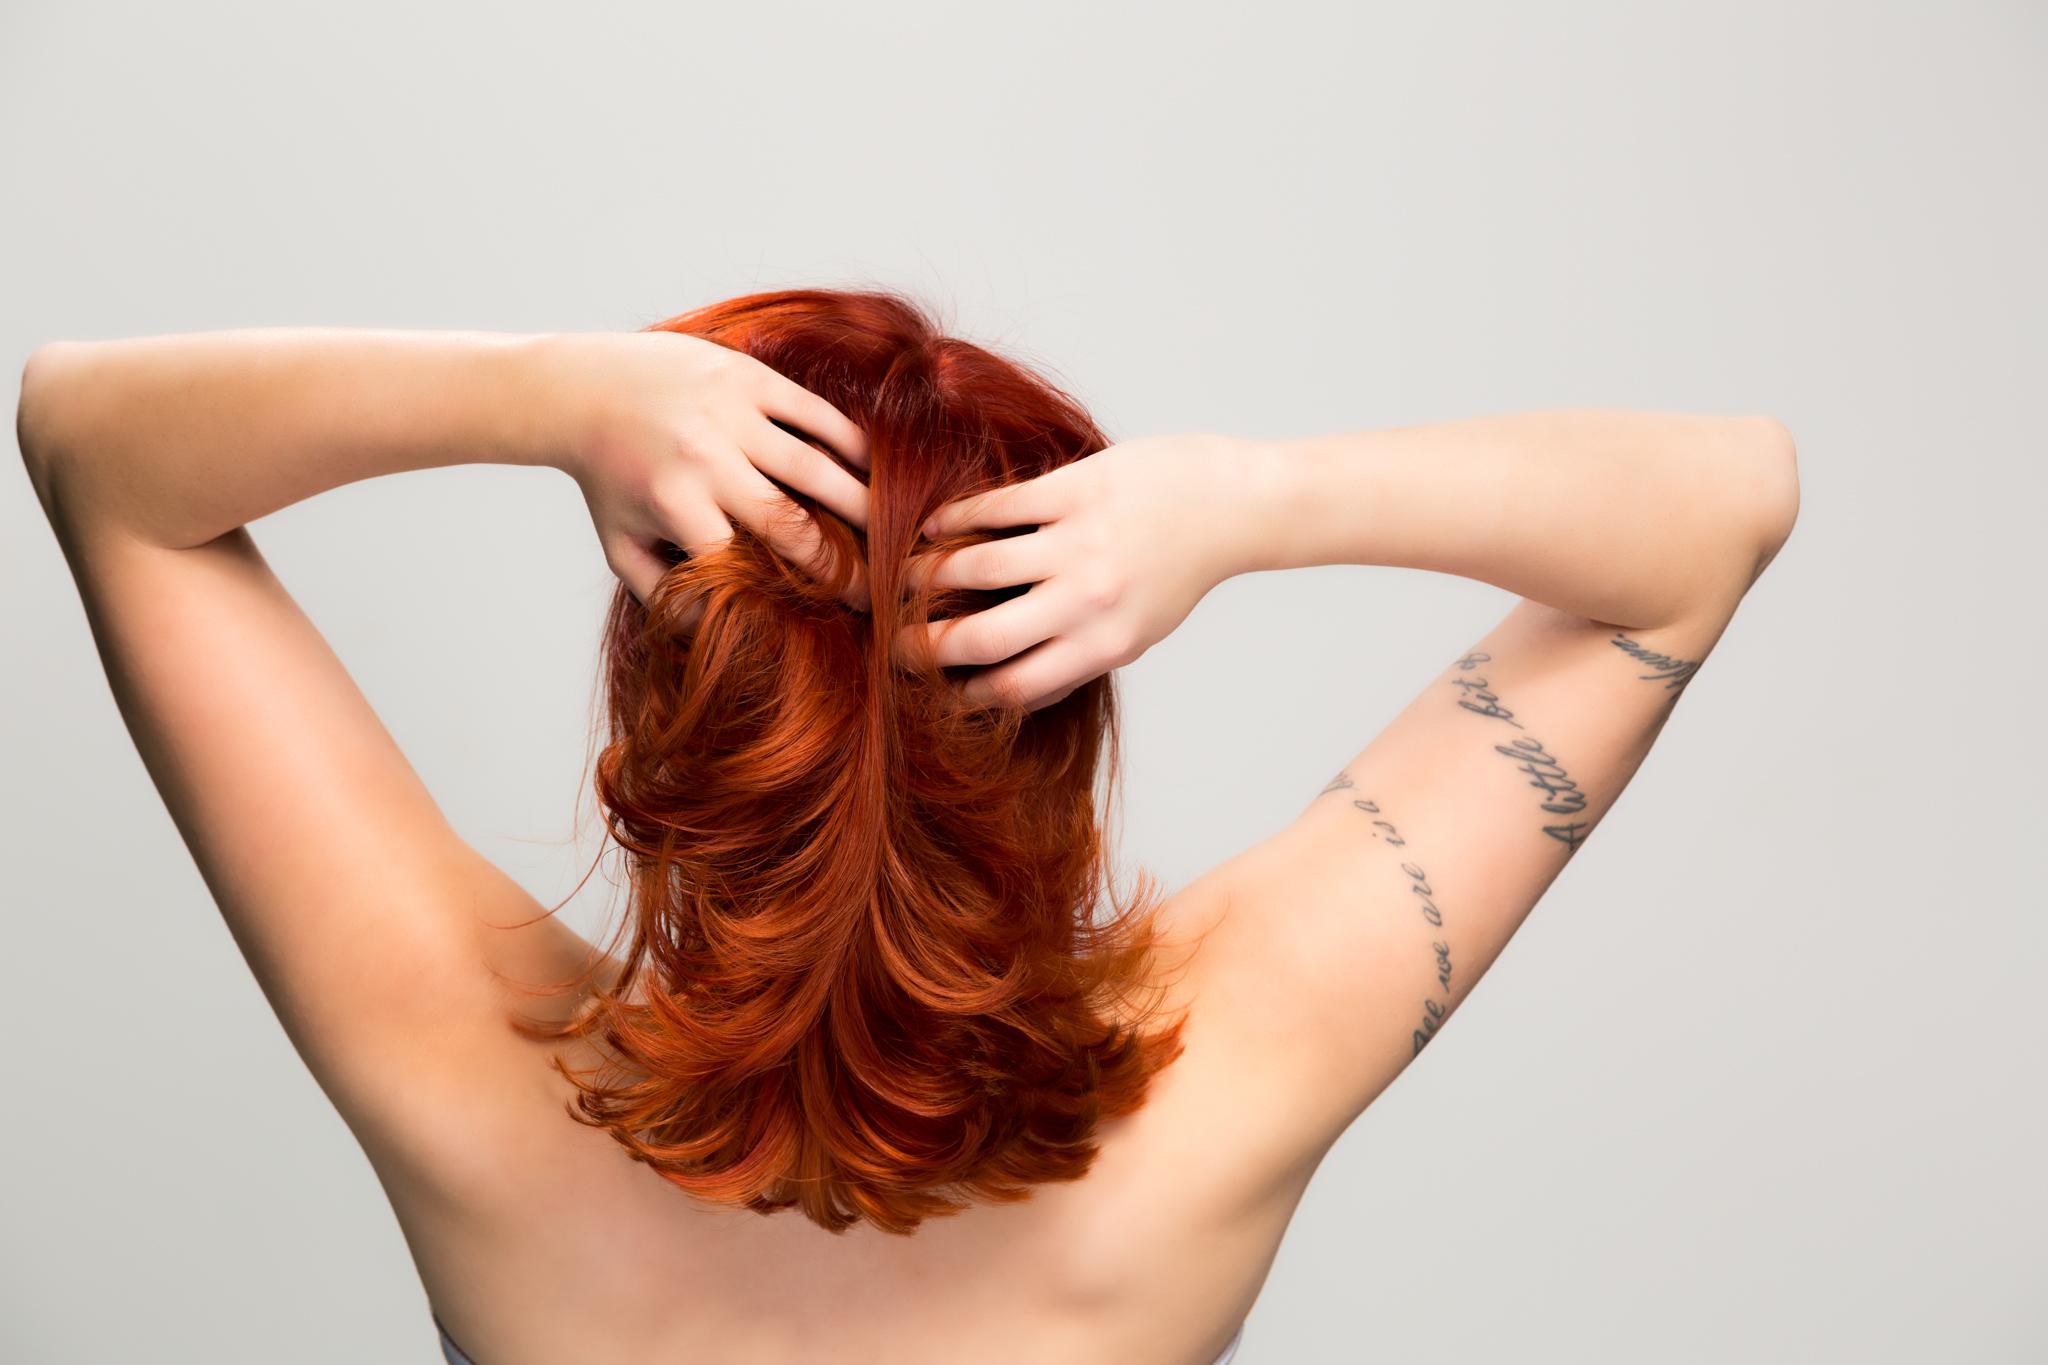 Cerise Hair Photo V1-5